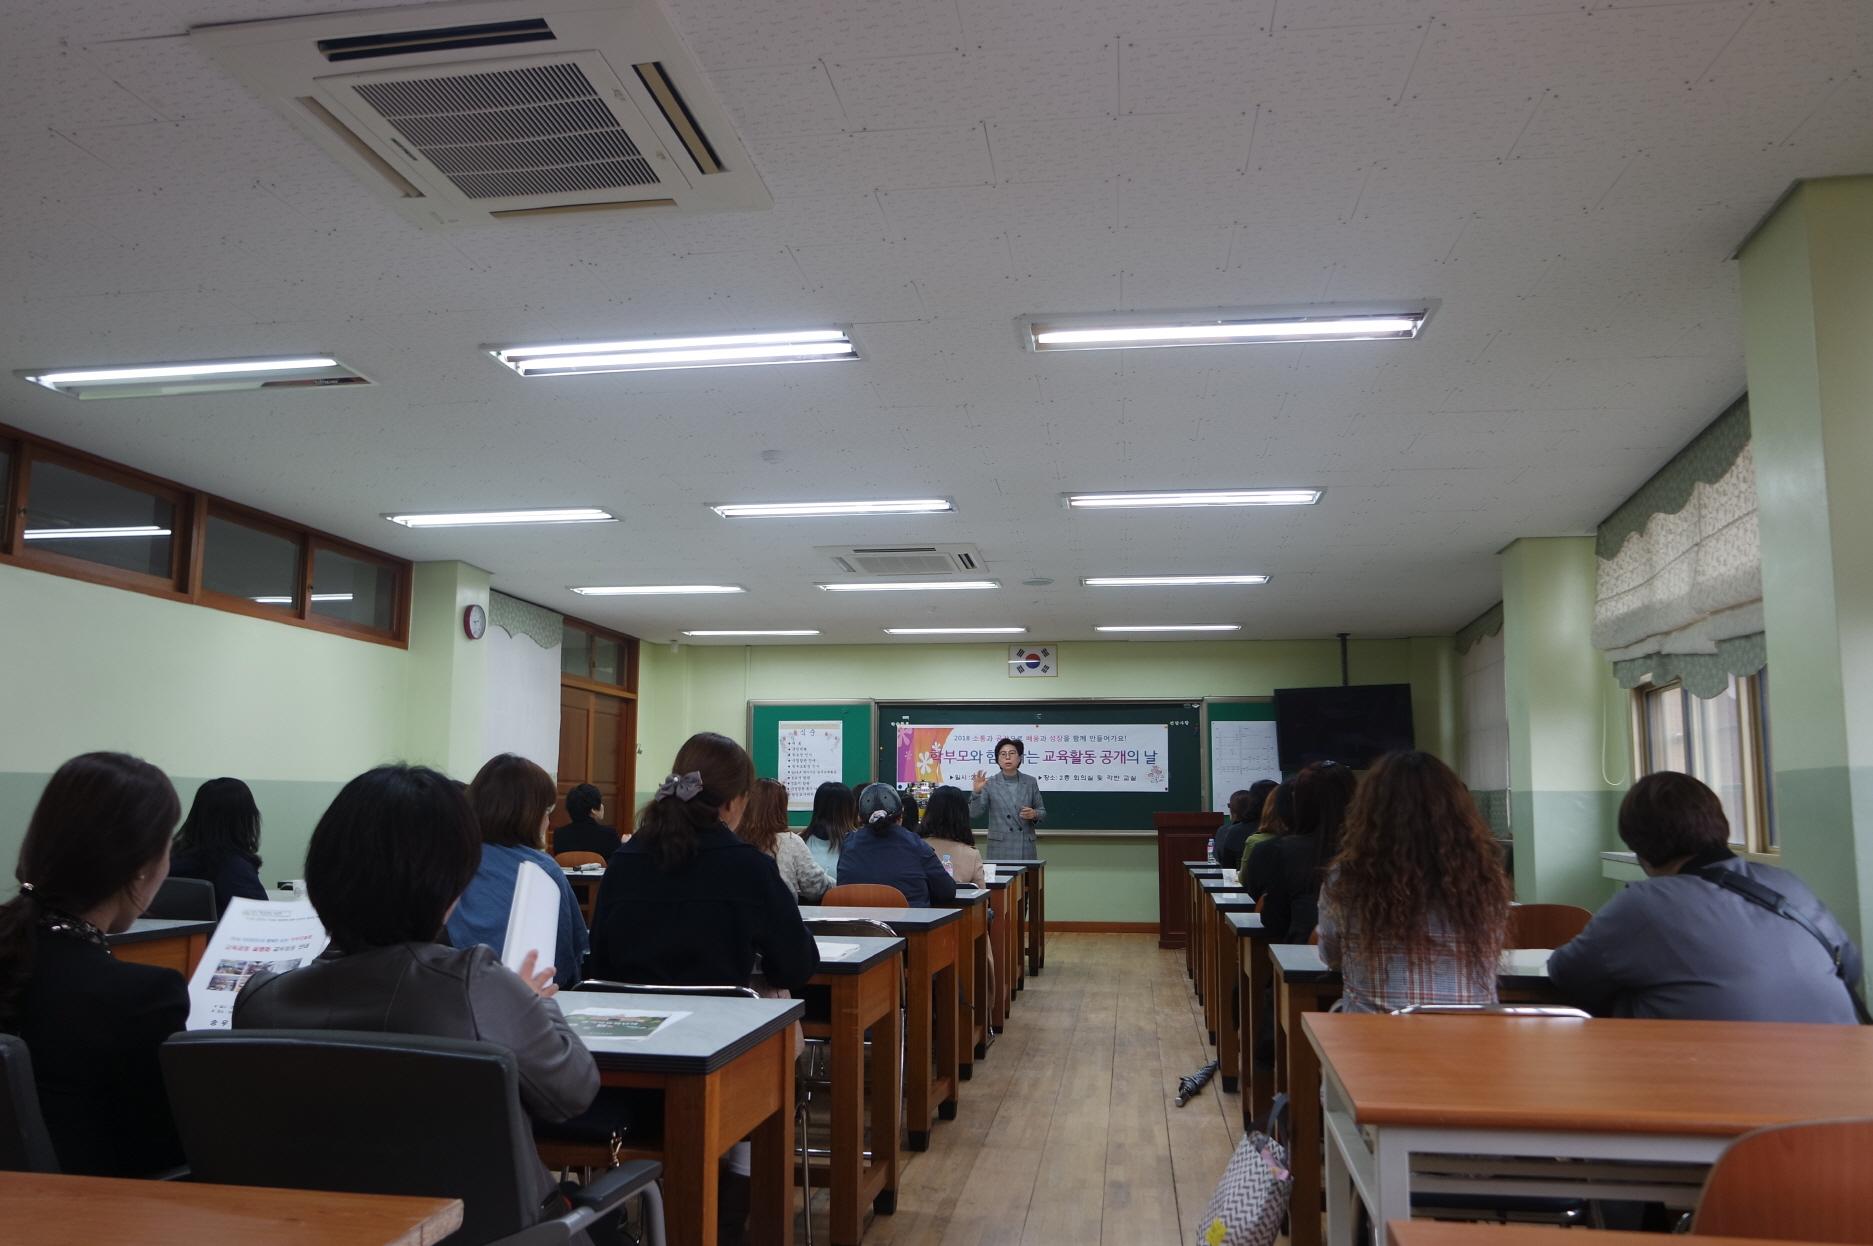 [일반] 2018학년도 1학기 학부모와 함께하는 교육활동 공개의 날의 첨부이미지 2